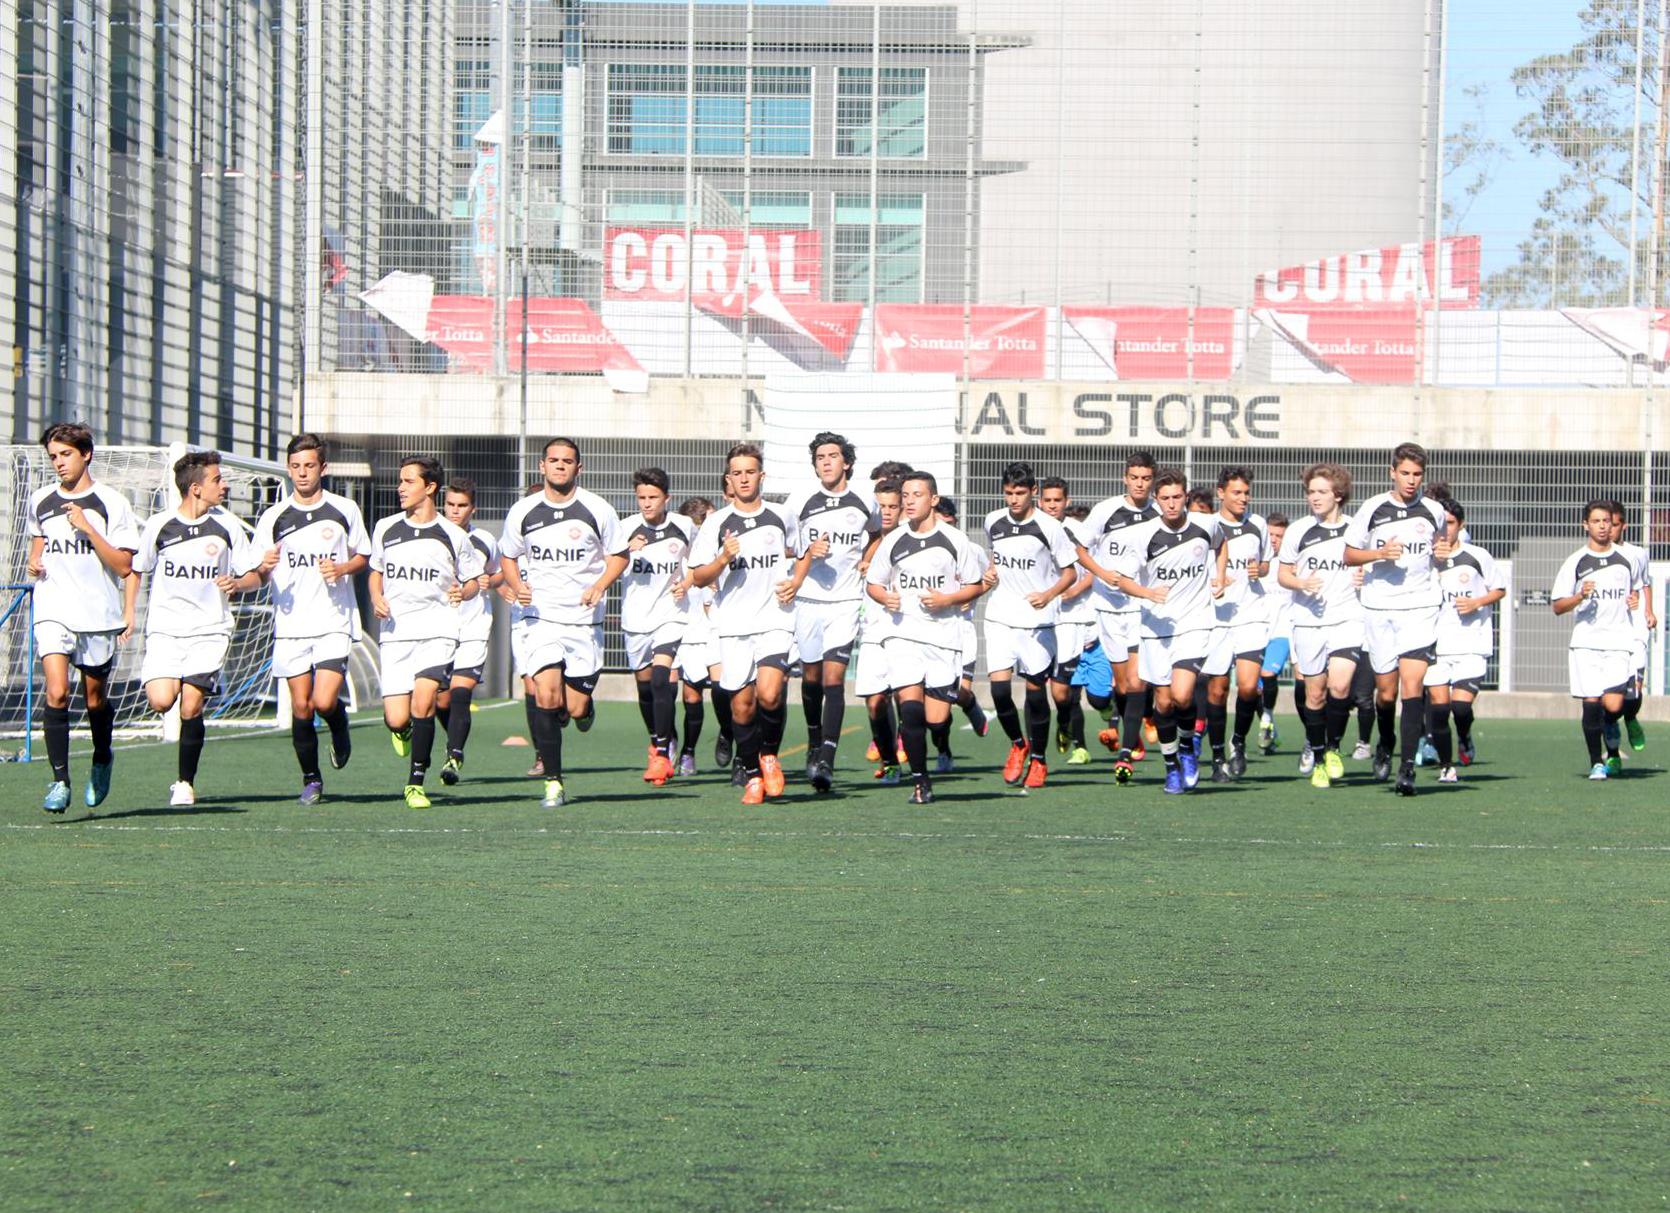 Clube Desportivo Nacional Futebol de formação conheceu calendários e703cf1d63db5